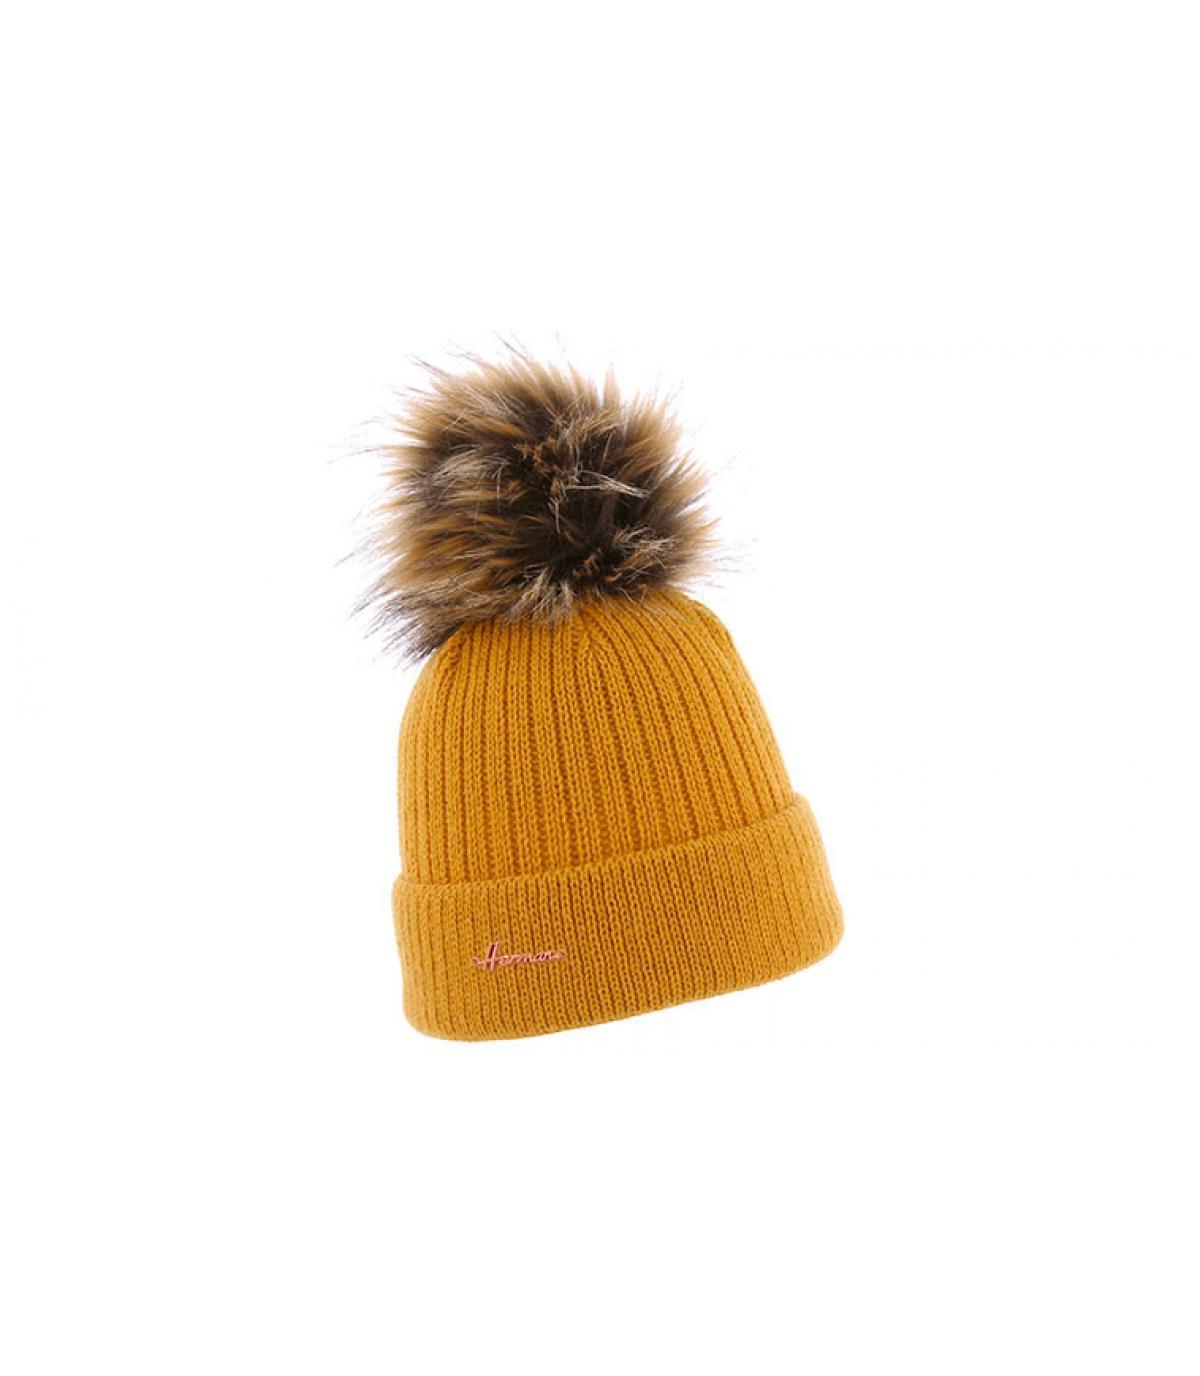 pelliccia da pompom cappello giallo